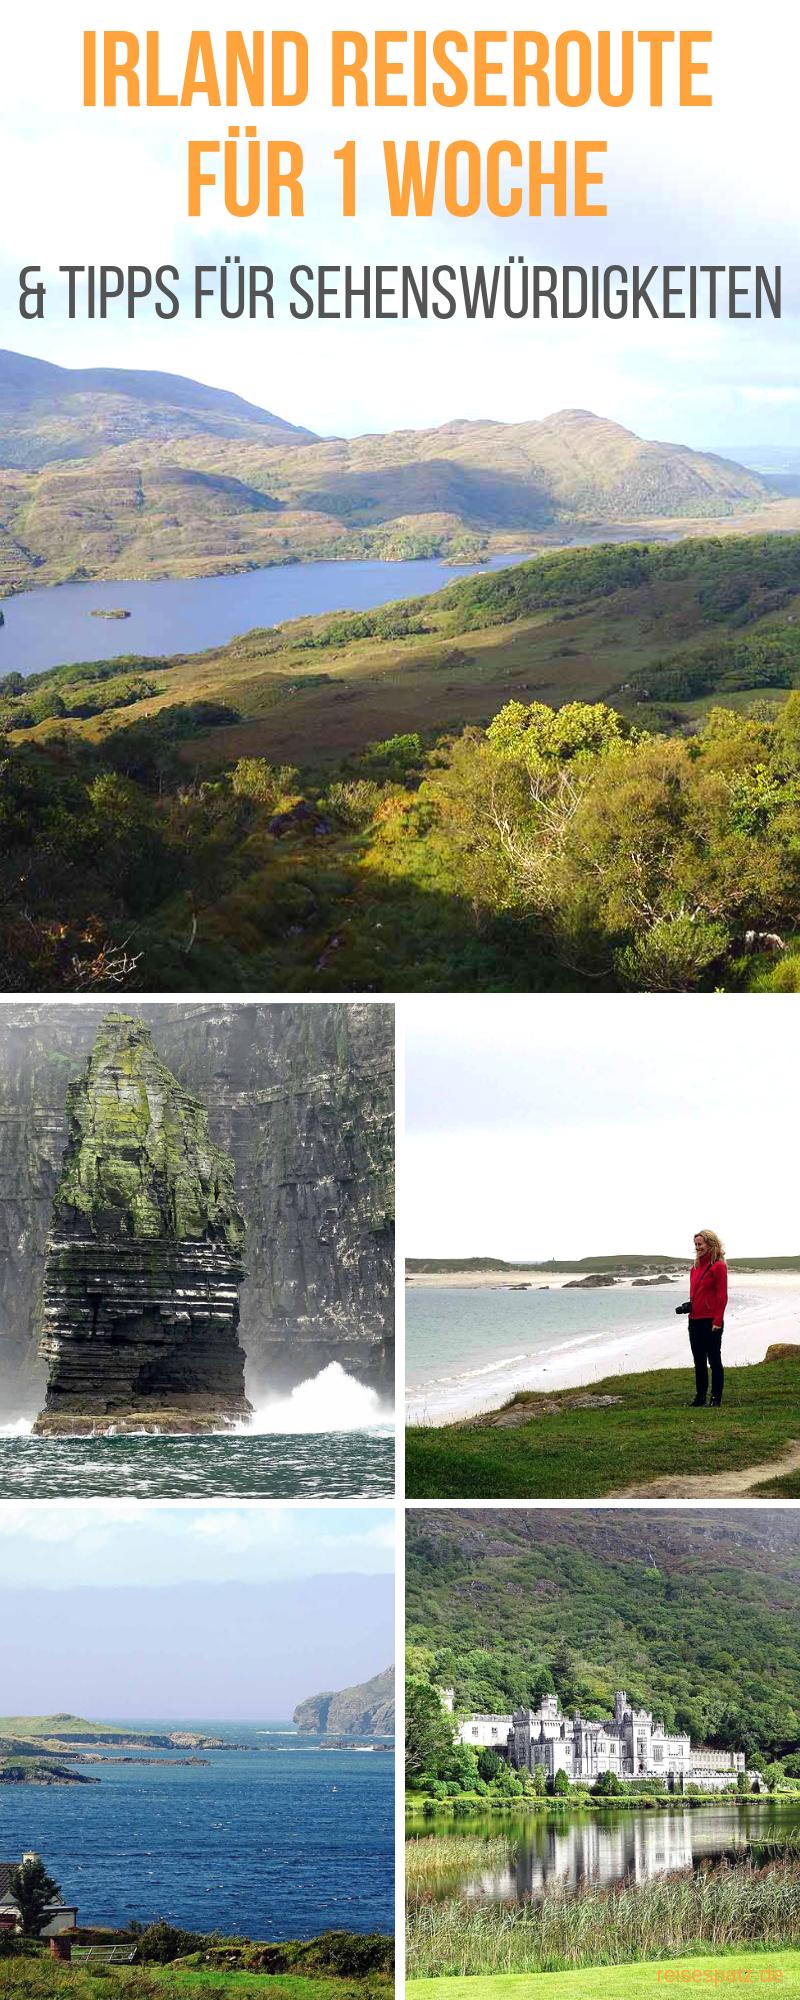 Atracciones de la costa oeste de Irlanda + Itinerario